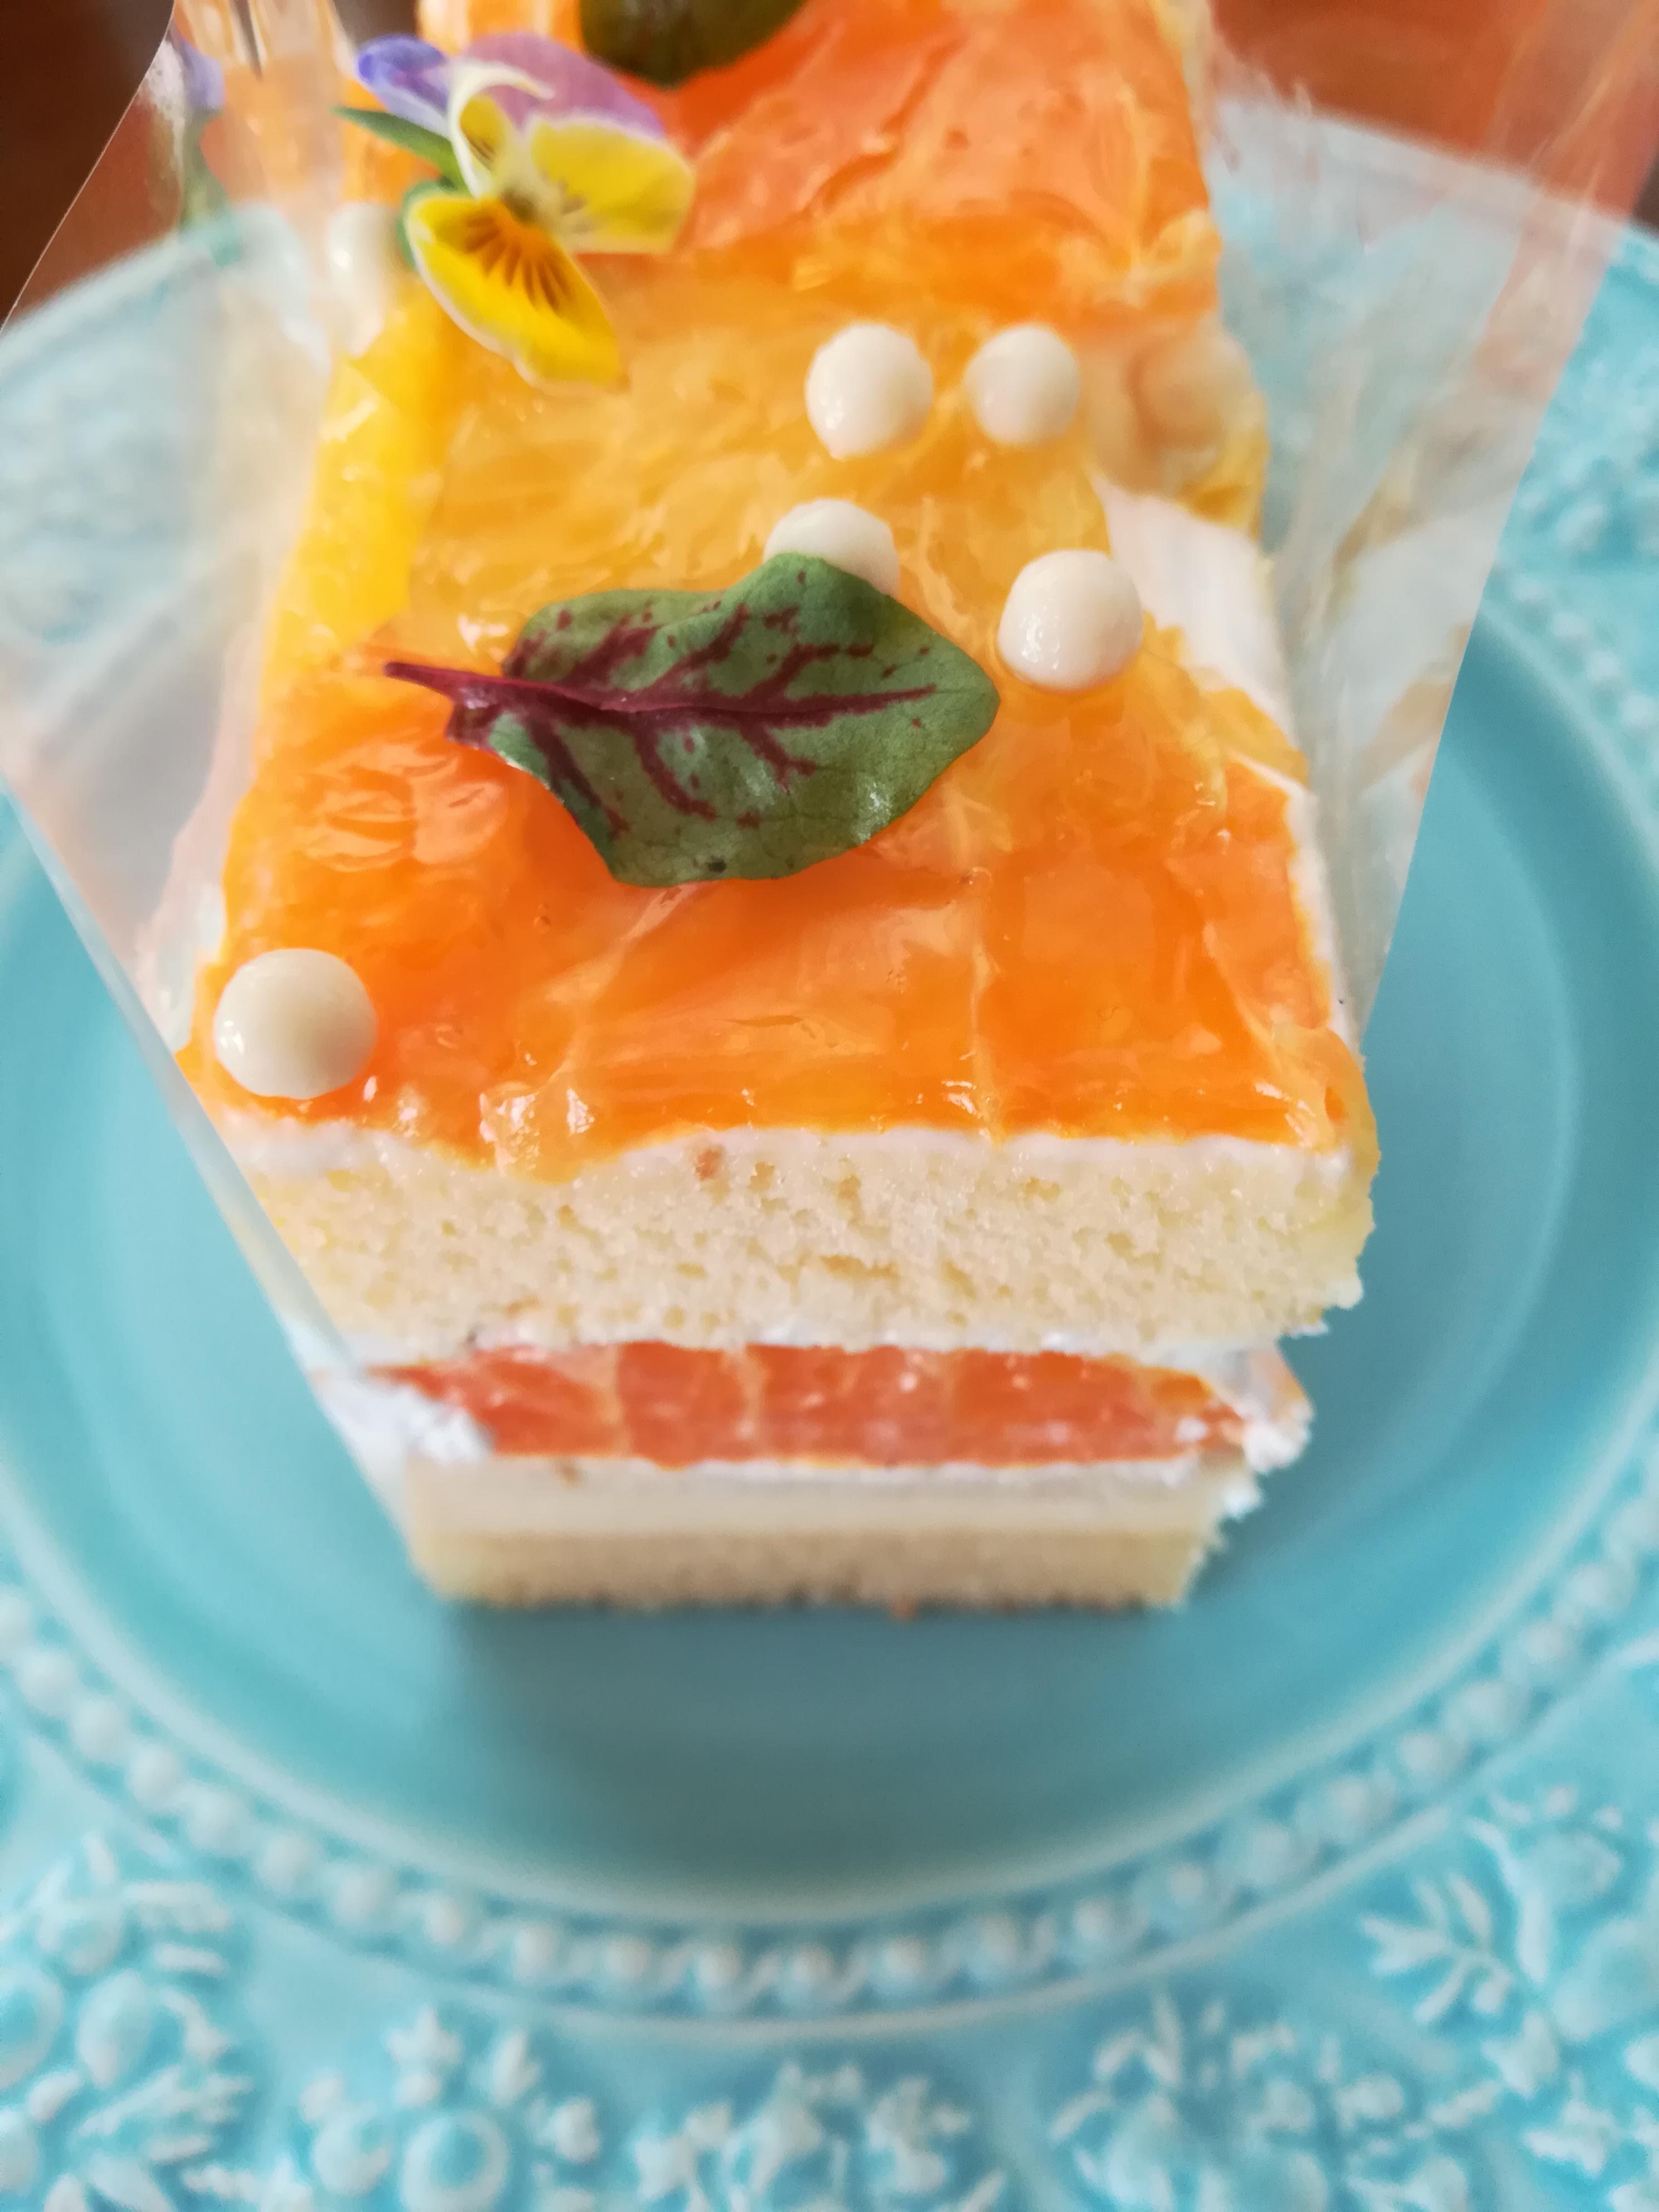 【グルメ】インターコンチネンタル大阪 stressedのケーキ